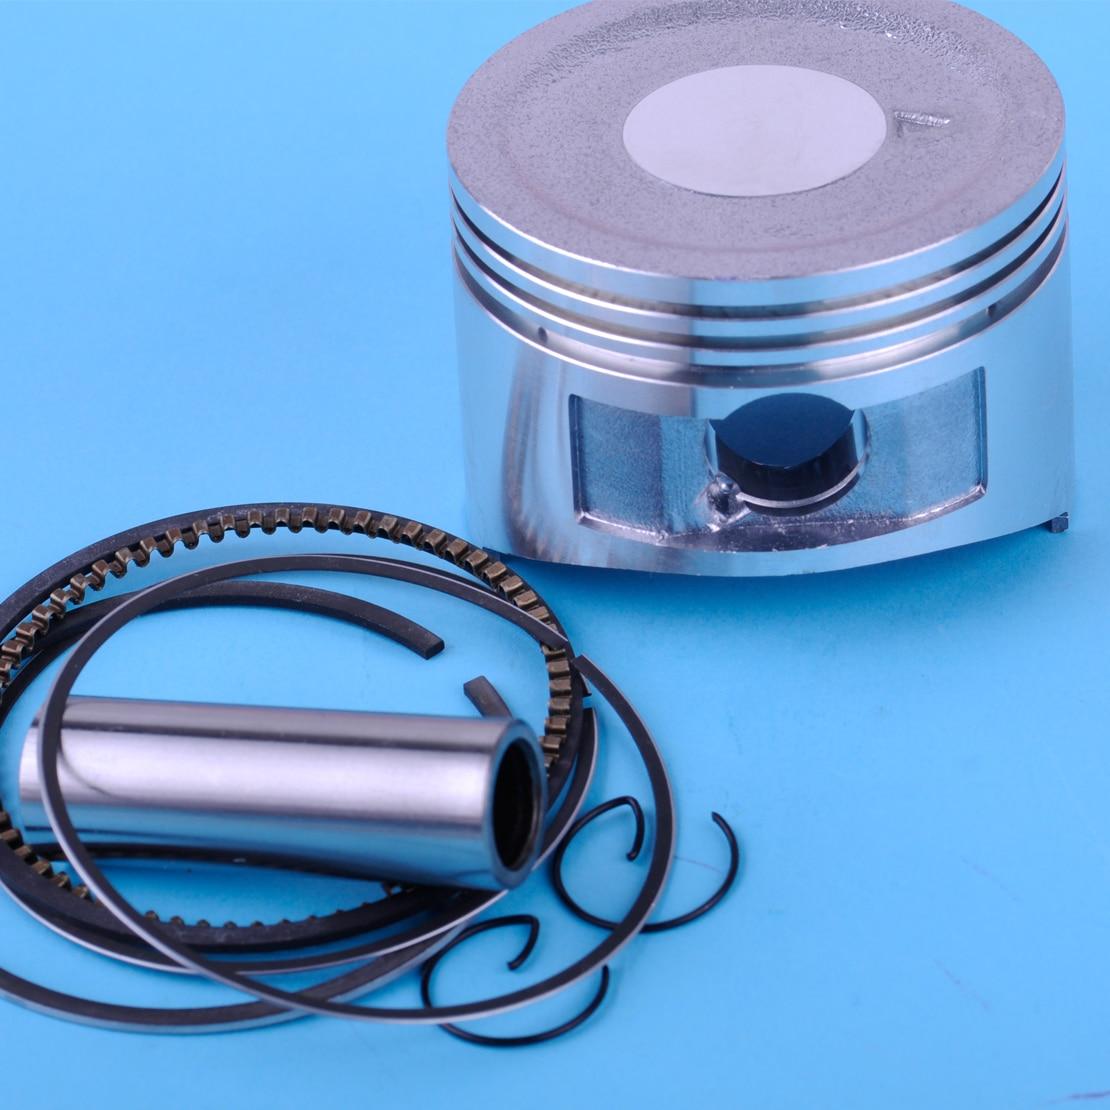 LETAOSK 68mm Piston & Pin & Circlip & Ring Kits Fit For Honda GX160 GX200 GX 160 5.5 HP Engine